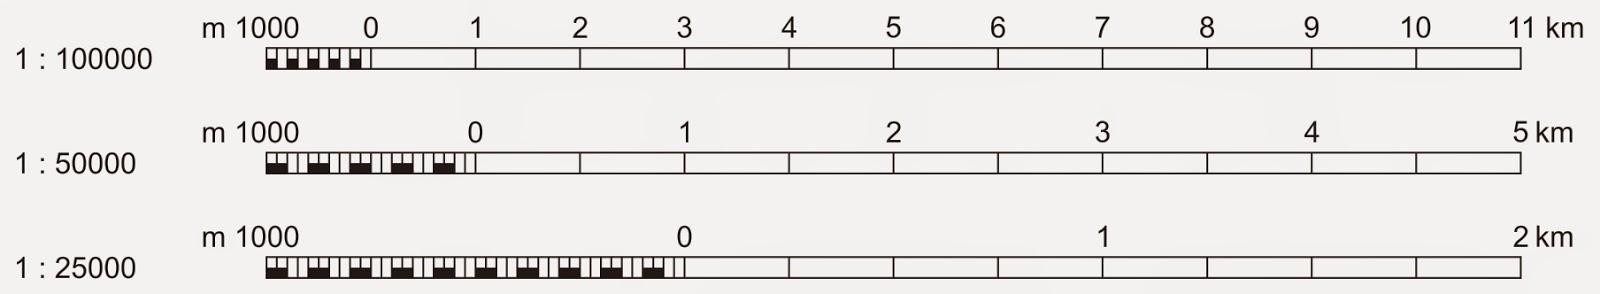 vizualizați tabelul la scară